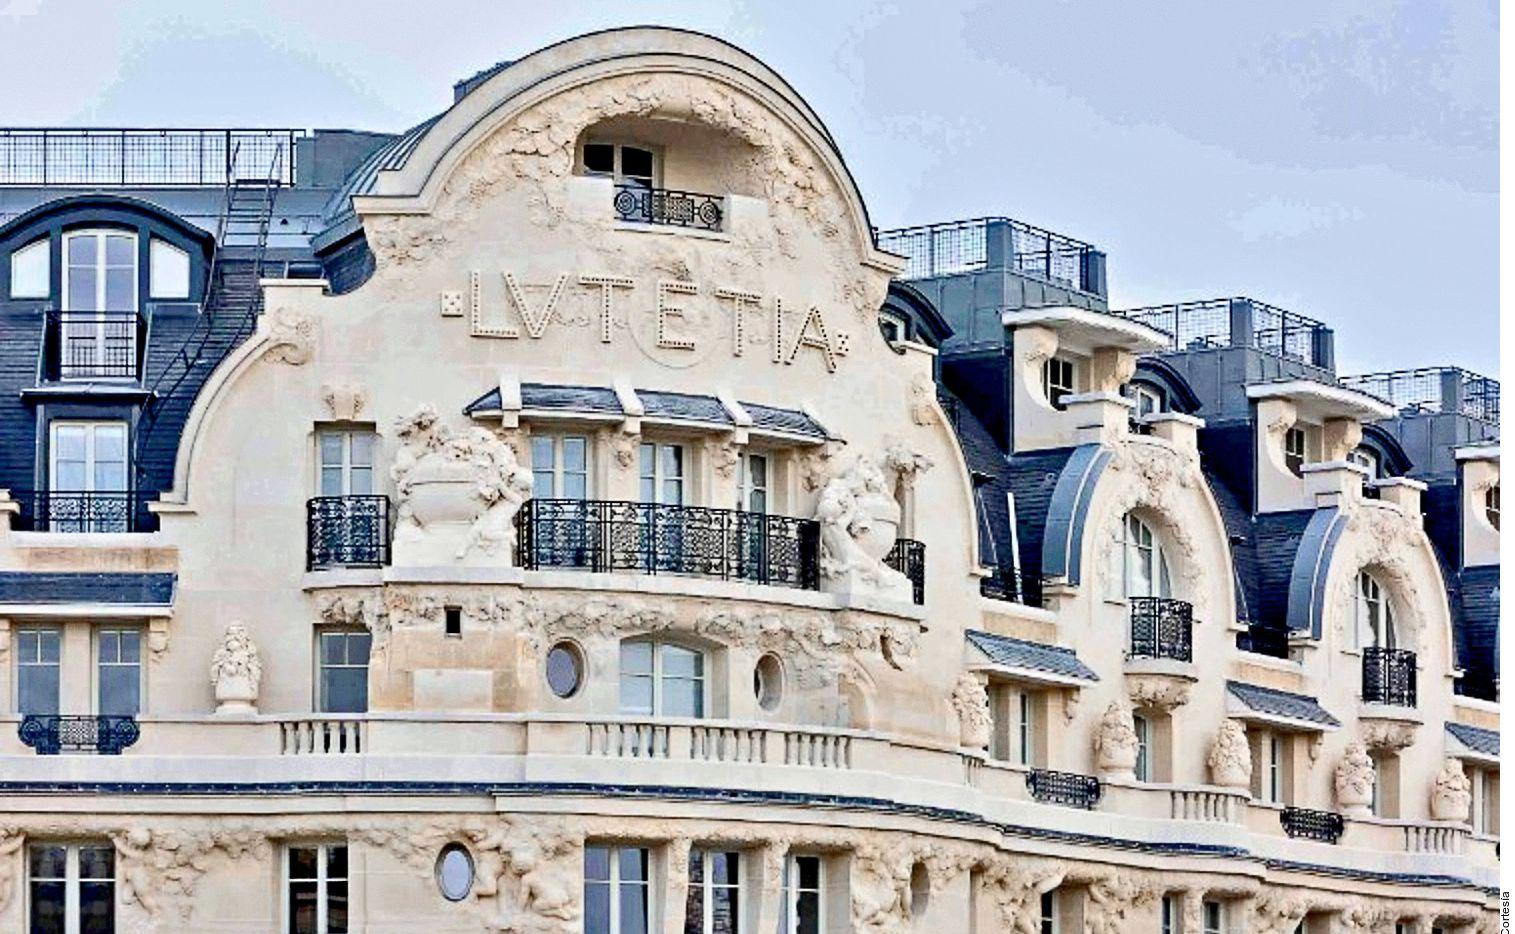 hotel Lutetia, lleno de detalles artísticos fue el lugar favorito de muchos artistas como Picasso, Matisse, André Gide, James Joyce, Samuel Beckett, Saint- Exupéry y André Malraux.